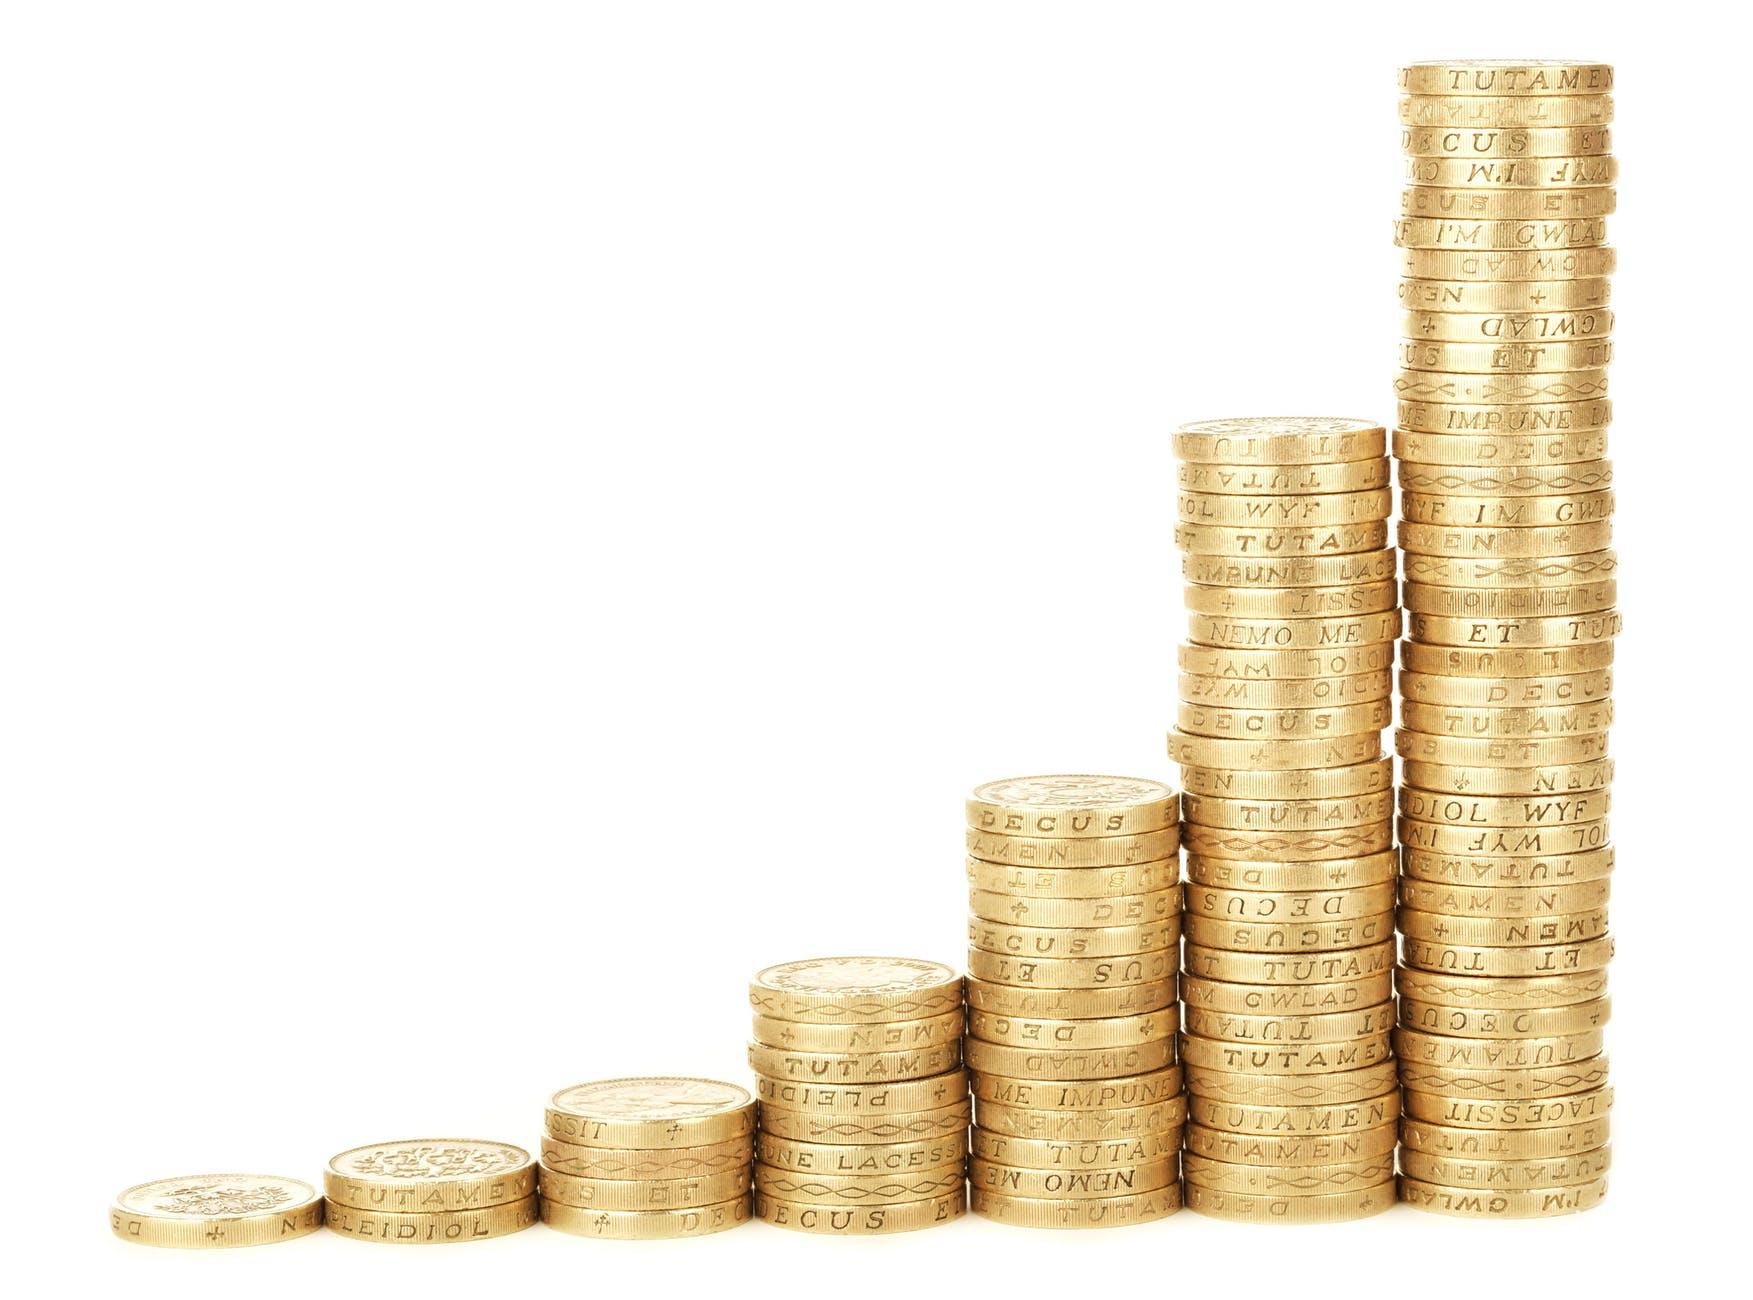 Sådan vurderer du, hvad et forbrugslån egentlig vil koste dig